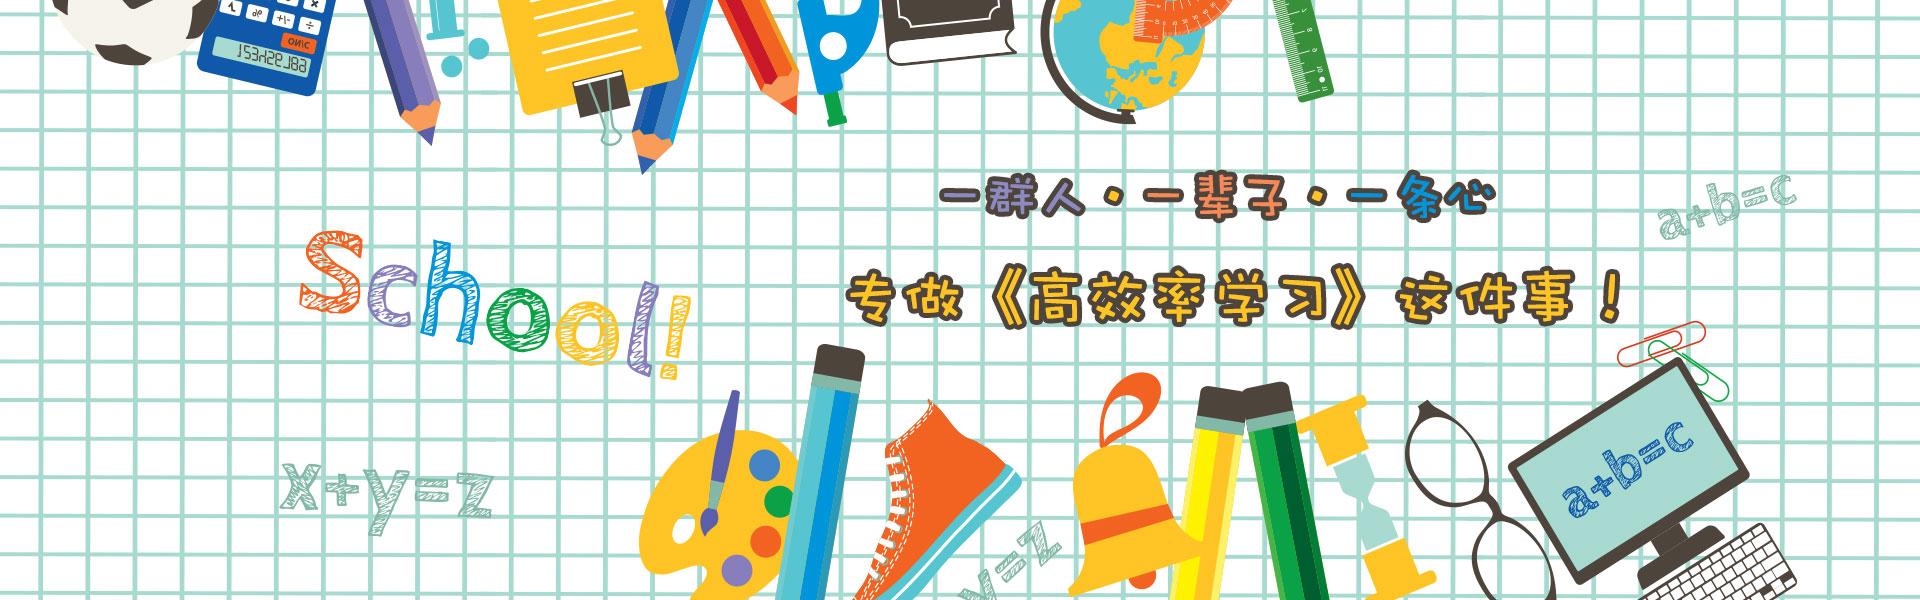 中国ballbet官网ballbet贝博app下载ios研究院ballbet贝博师培训